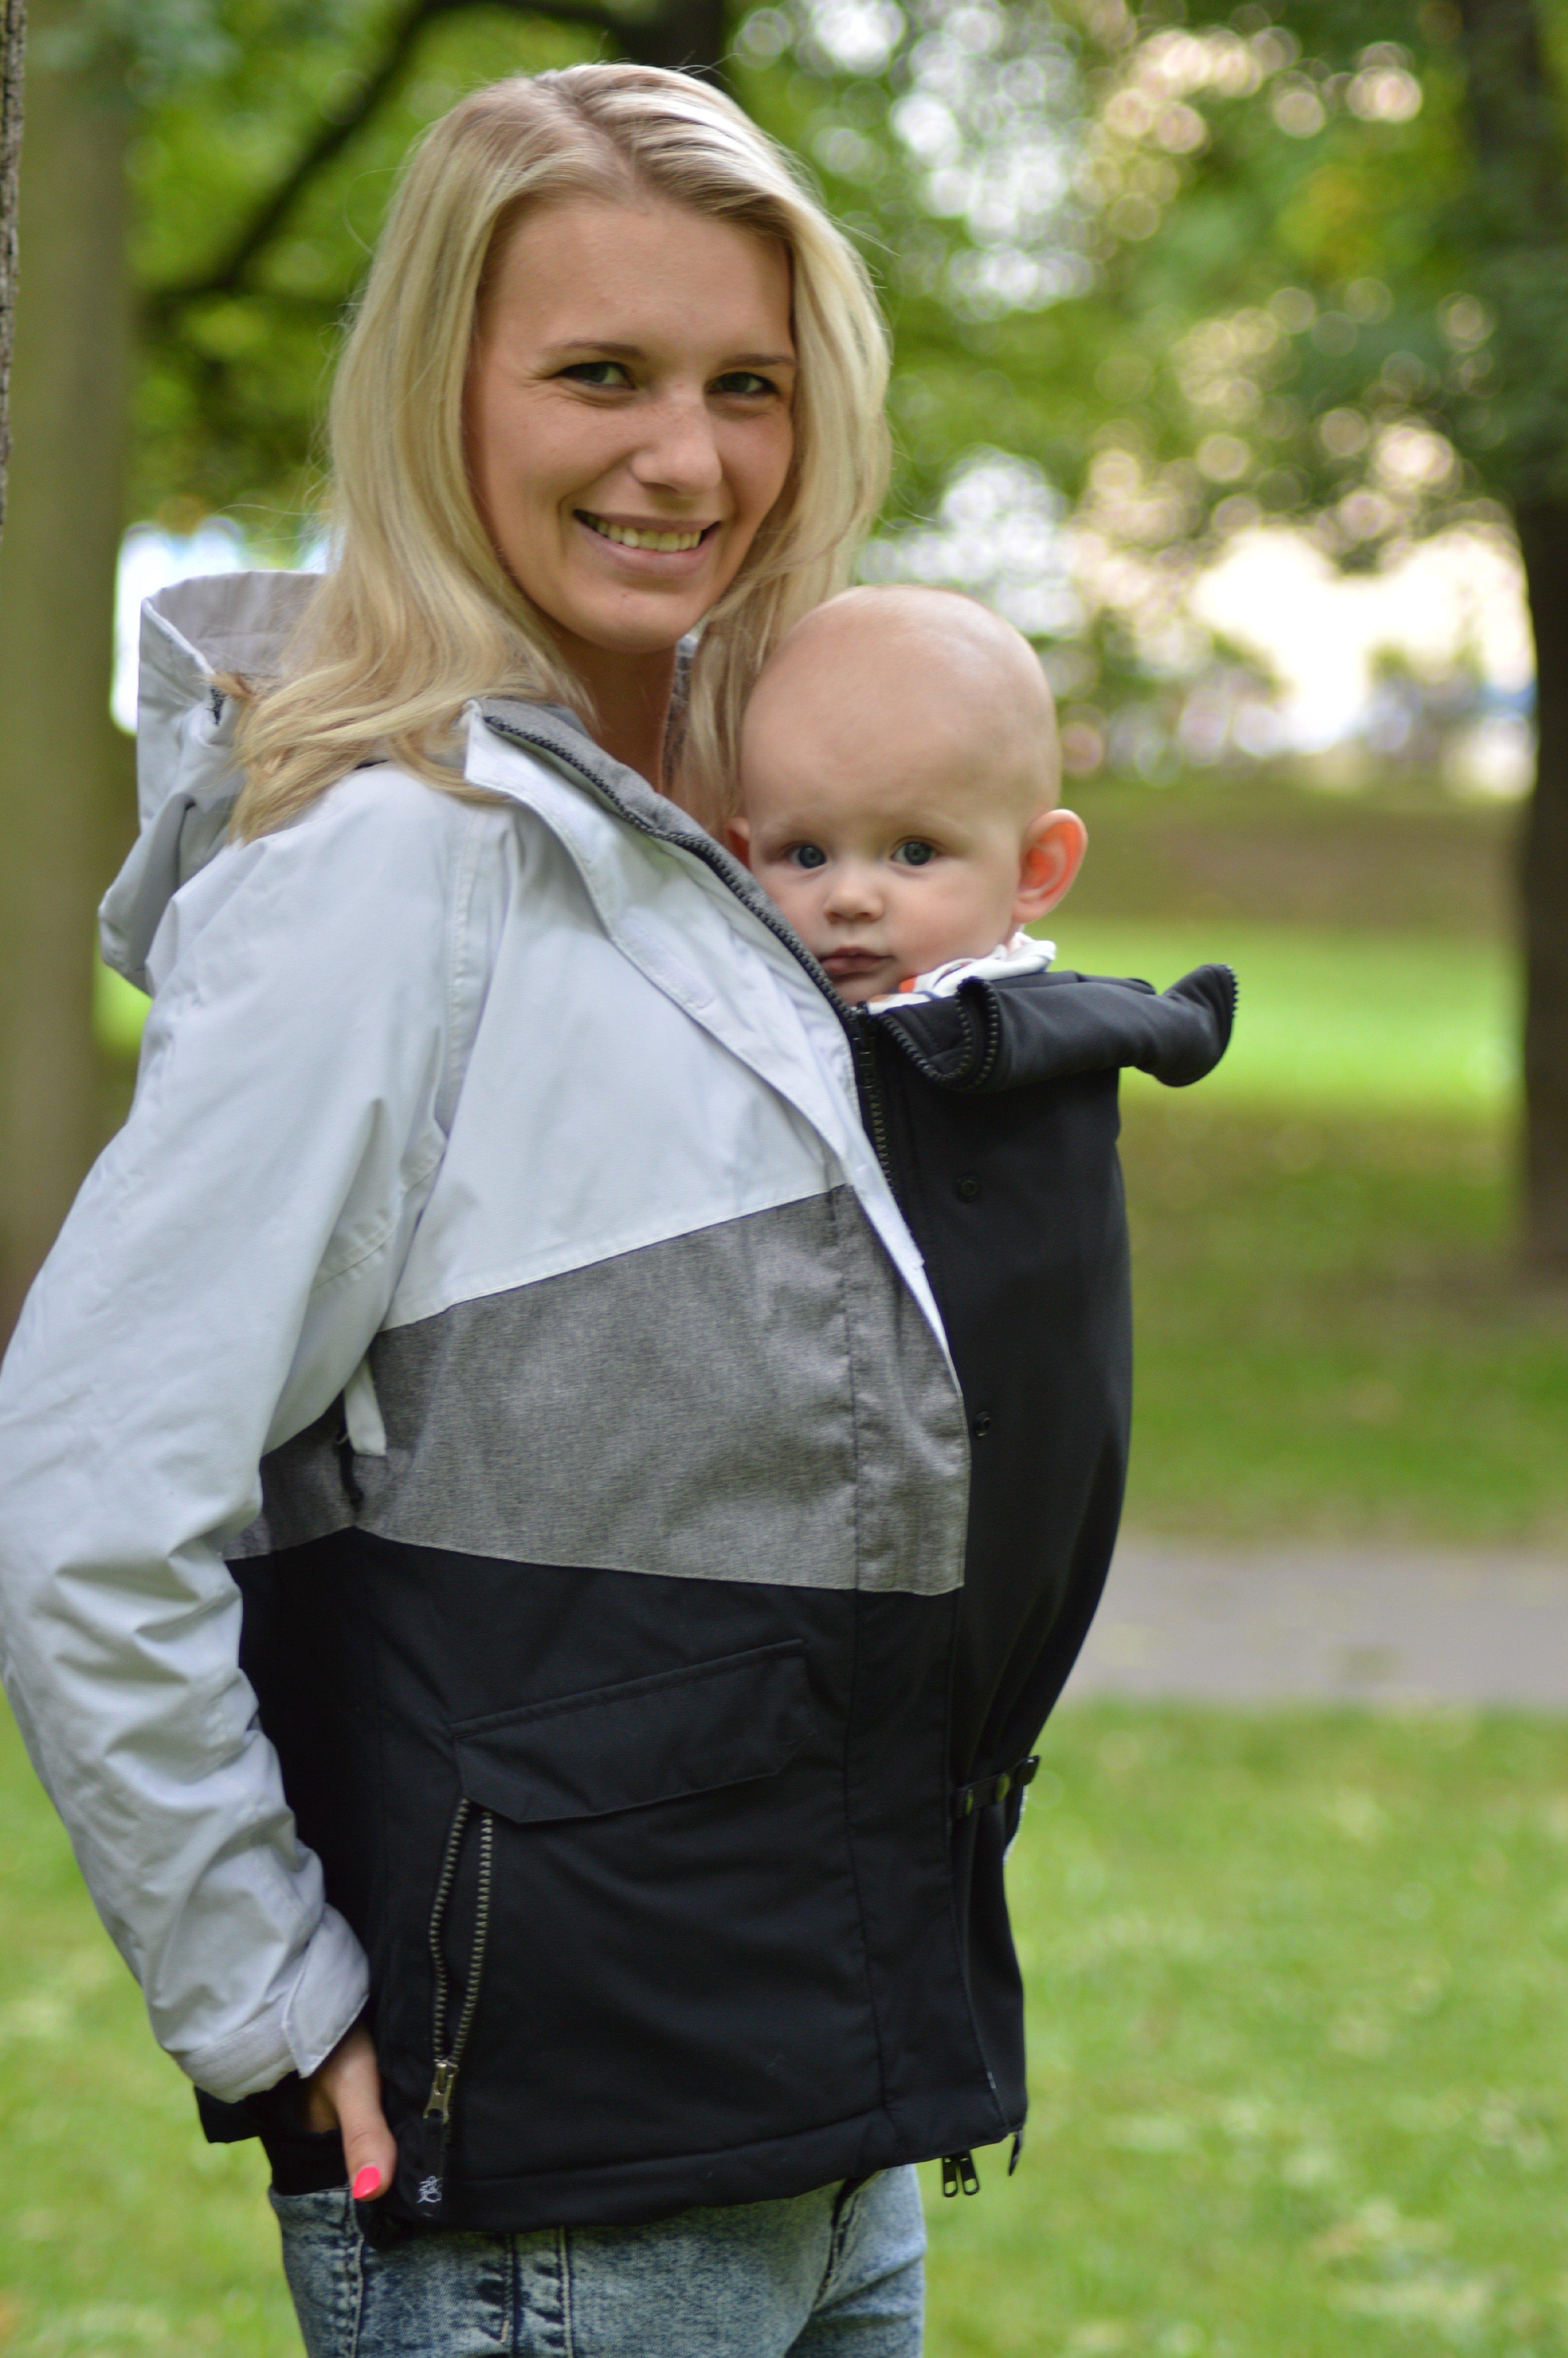 Jackeneinsatz für Schwangerschaft und zum Tragen